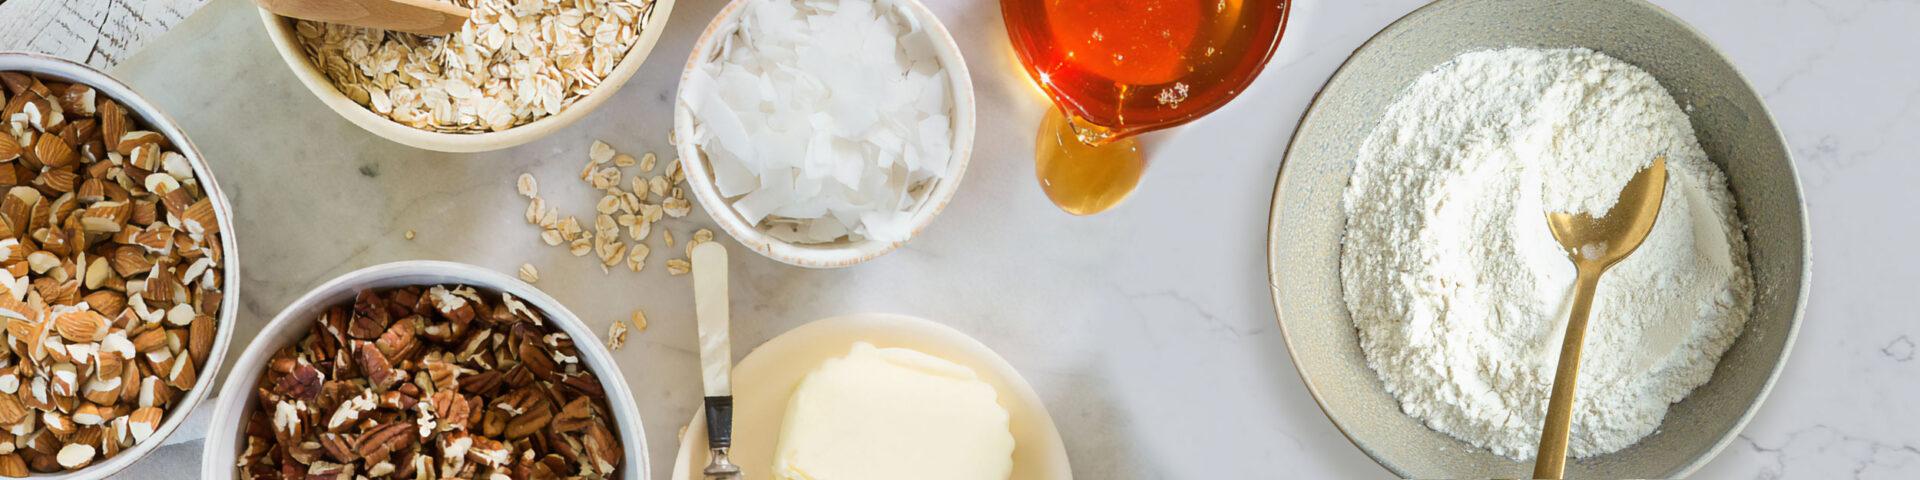 materias-primas-para-reposteria-y-gastronimia